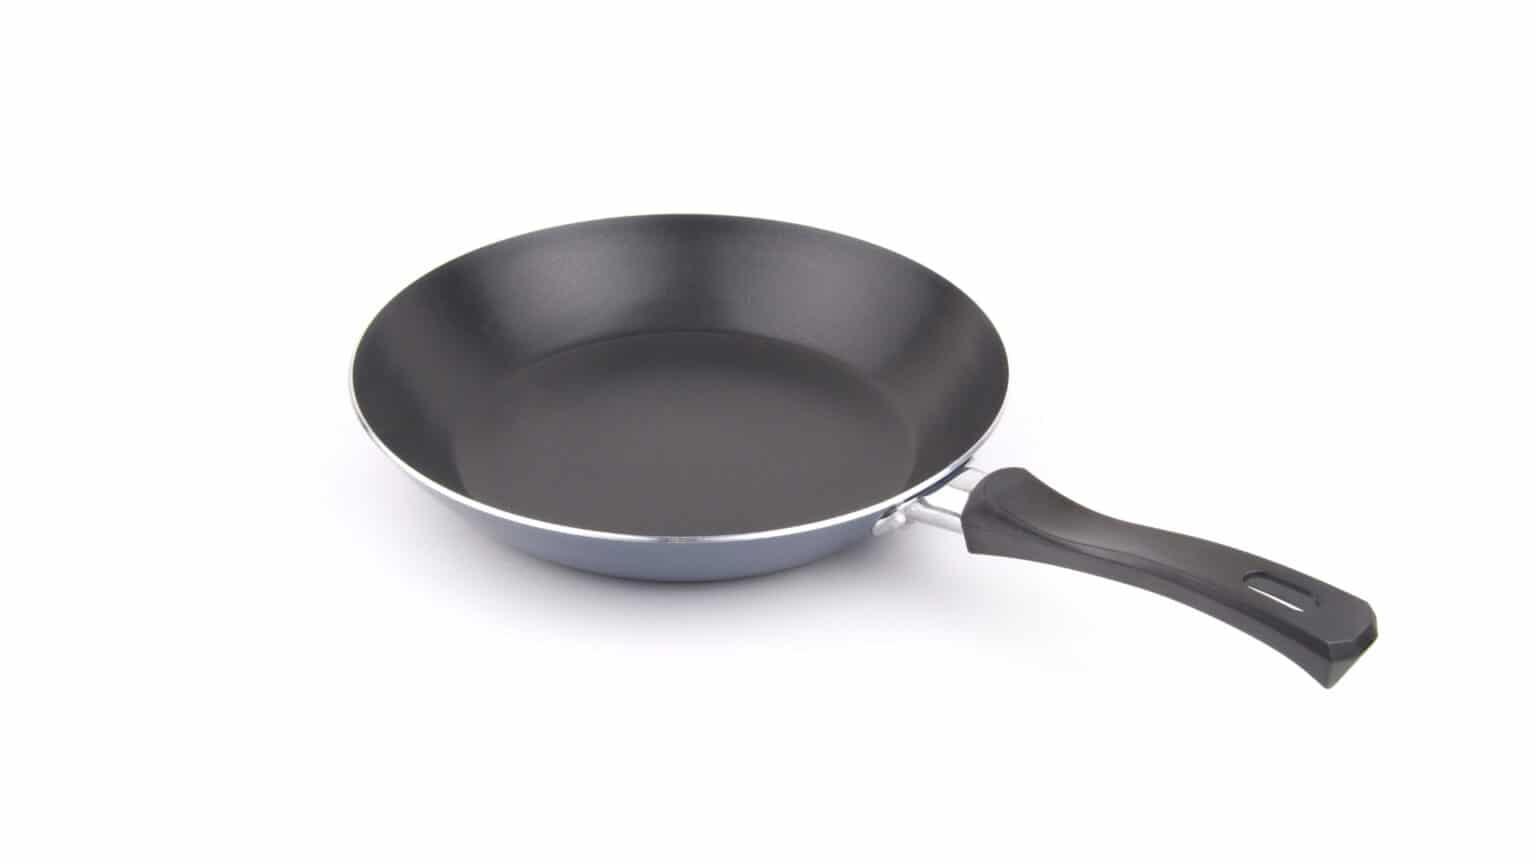 Stamped pan